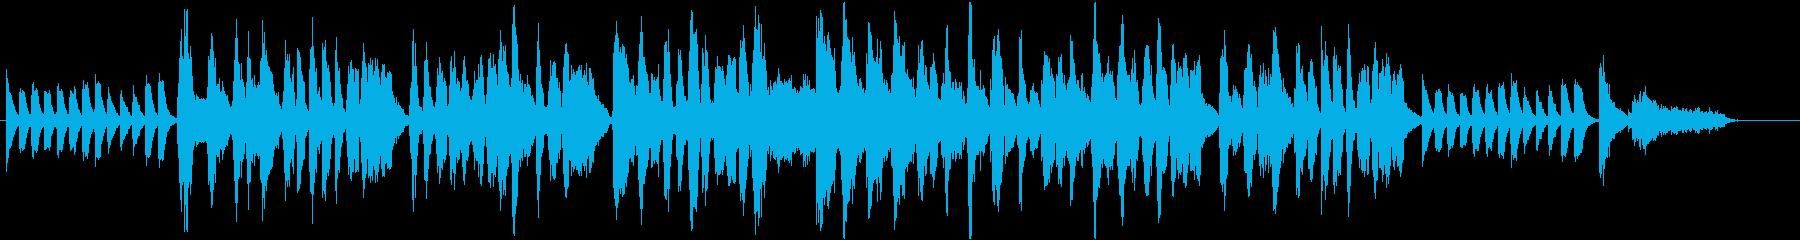 栗をテーマにした楽曲の再生済みの波形